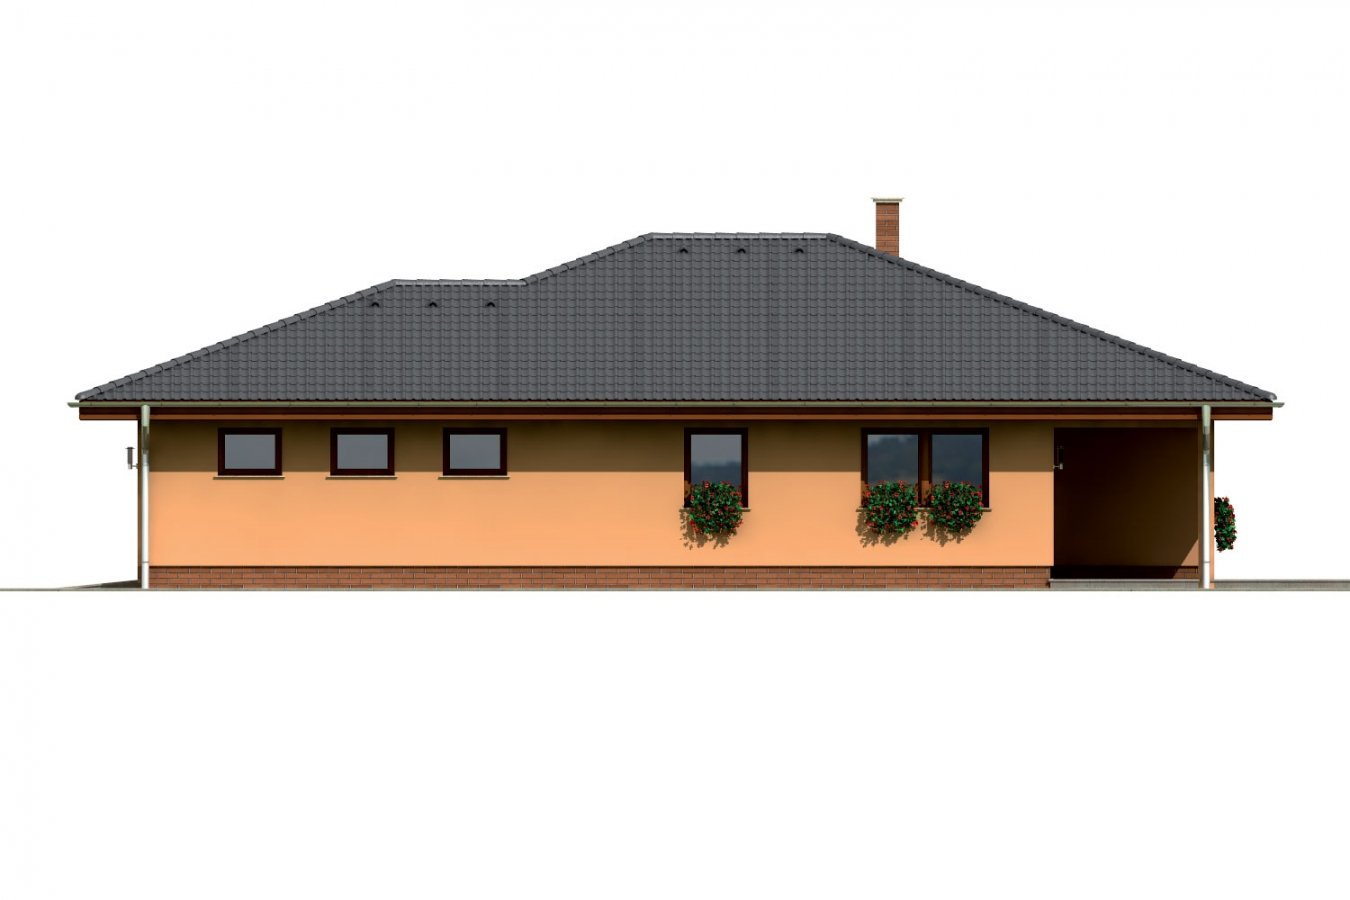 Pohľad 4. - Bungalov s veľkou garážou a terasou.